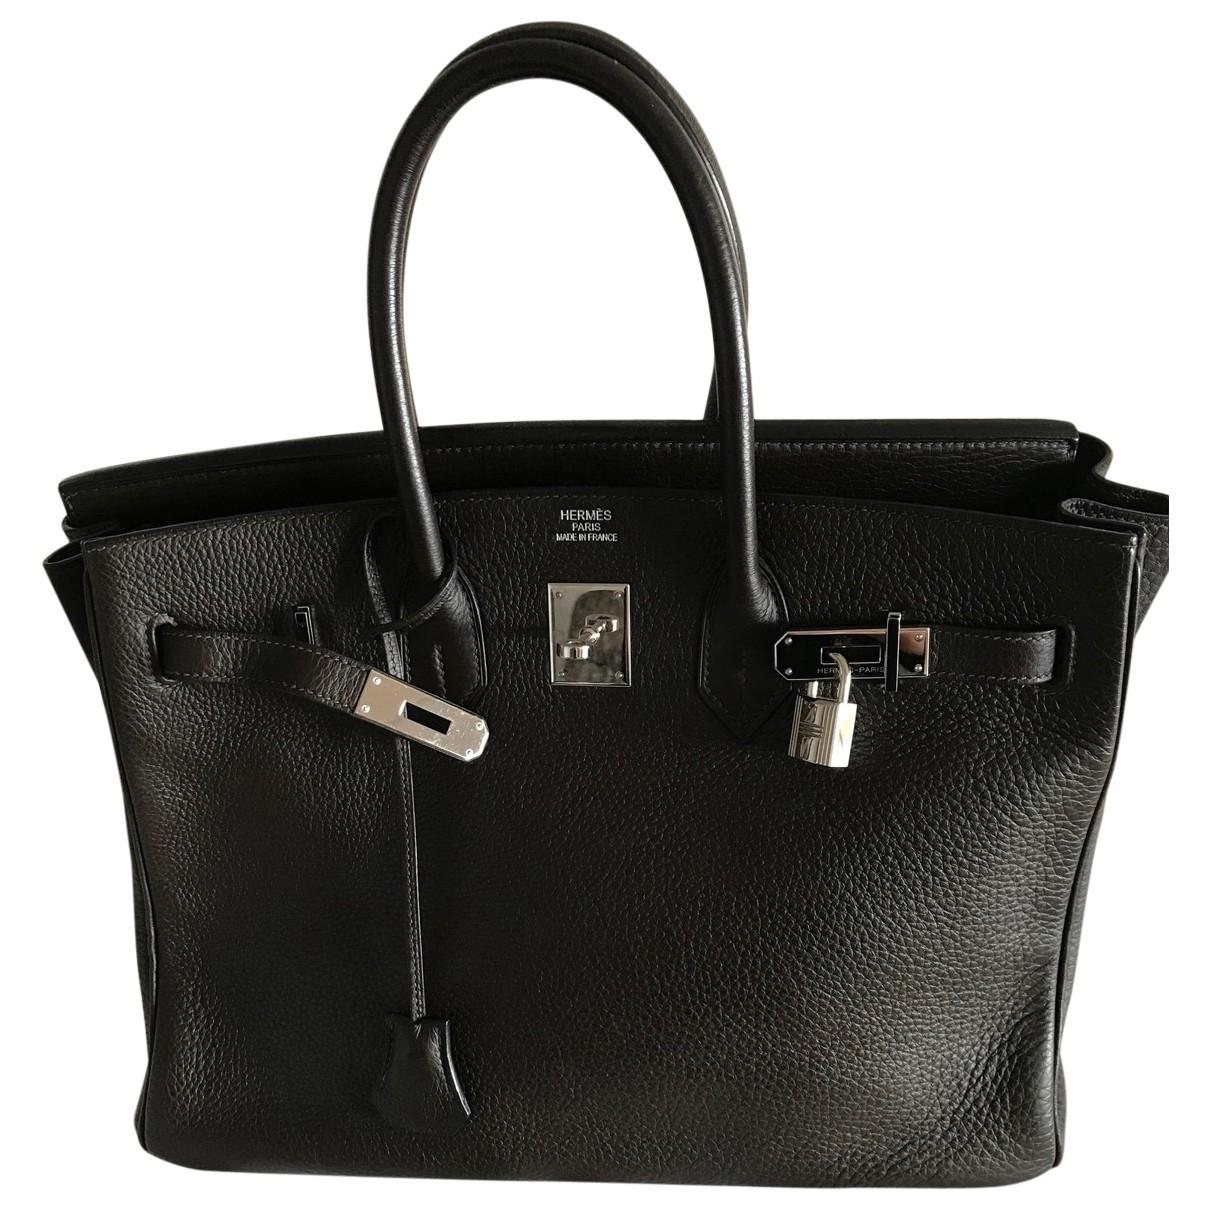 Hermes Birkin 35 Handtasche in  Braun Leder